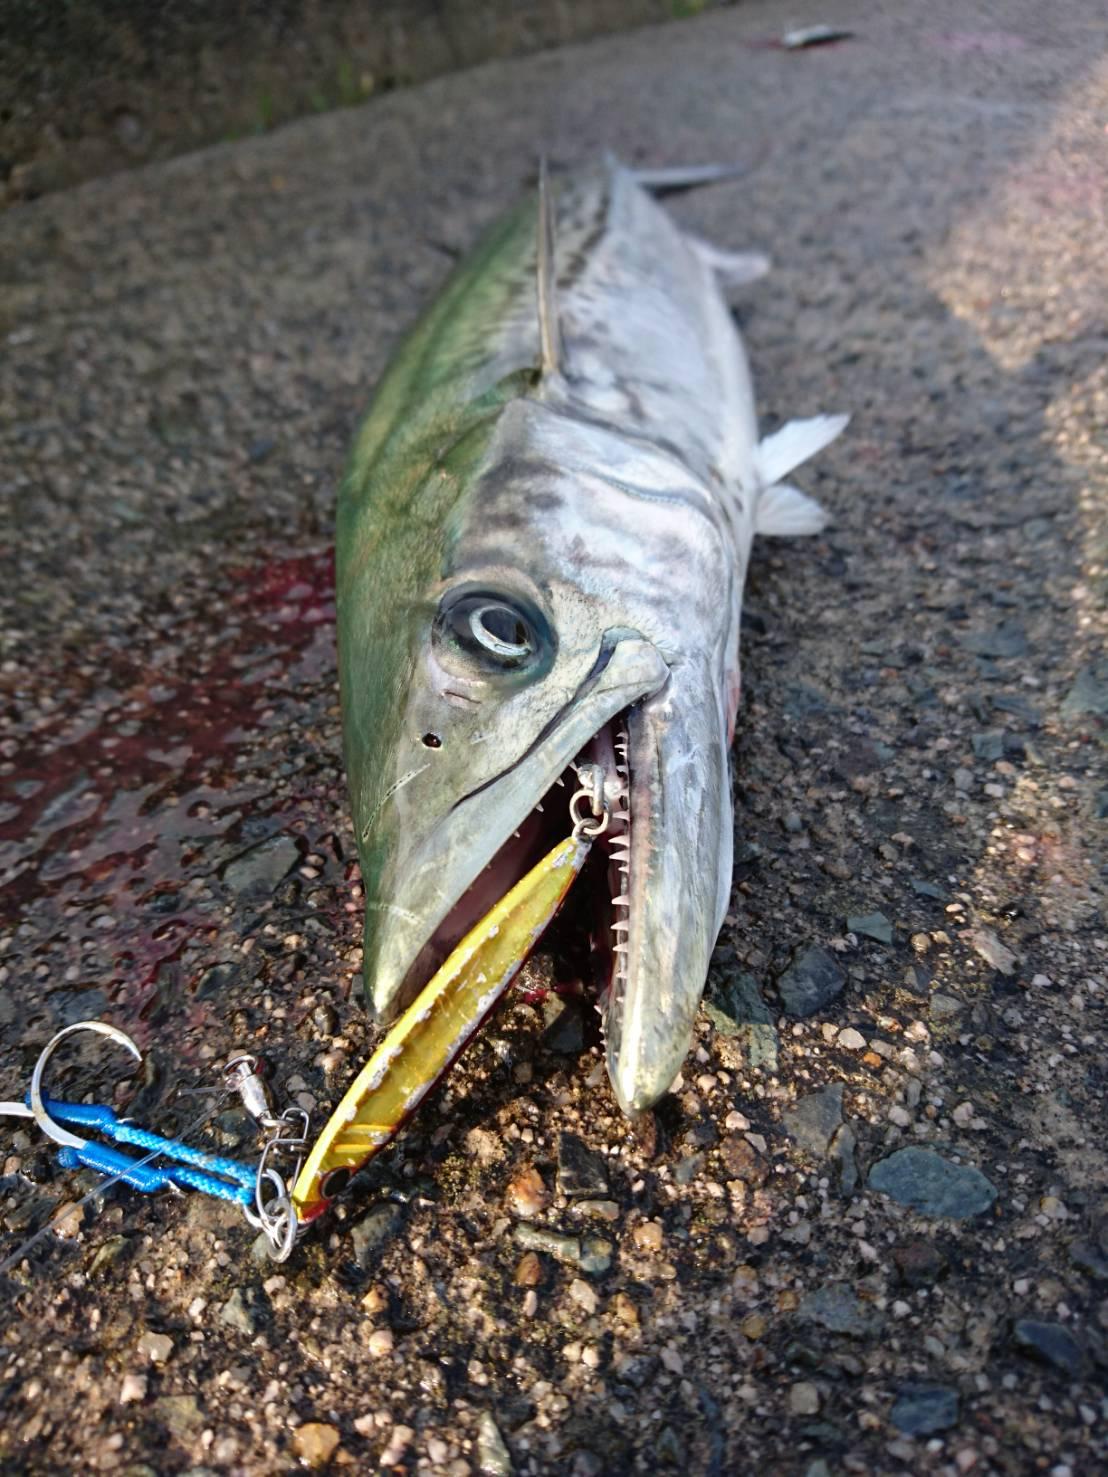 ルアーフィッシング初心者にありがちな魚をバラす4つの理由と対処法